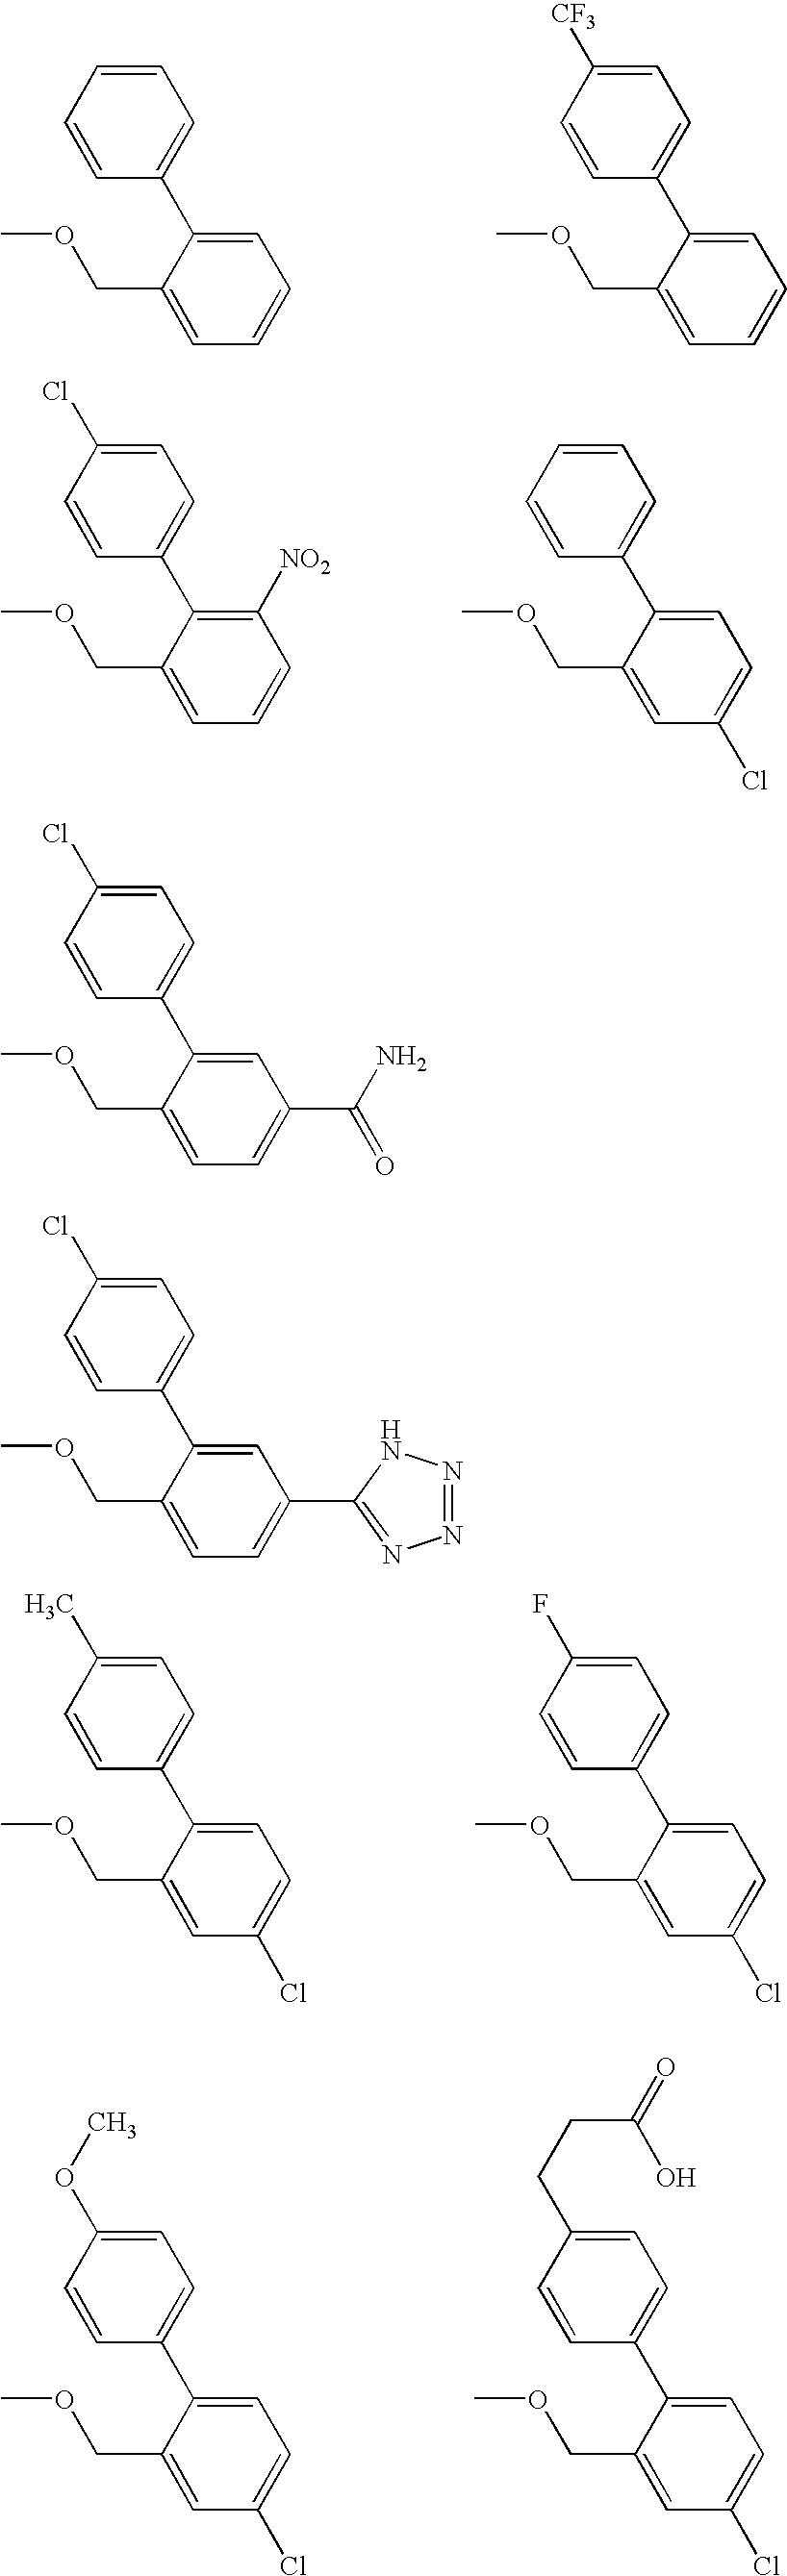 Figure US20070049593A1-20070301-C00224